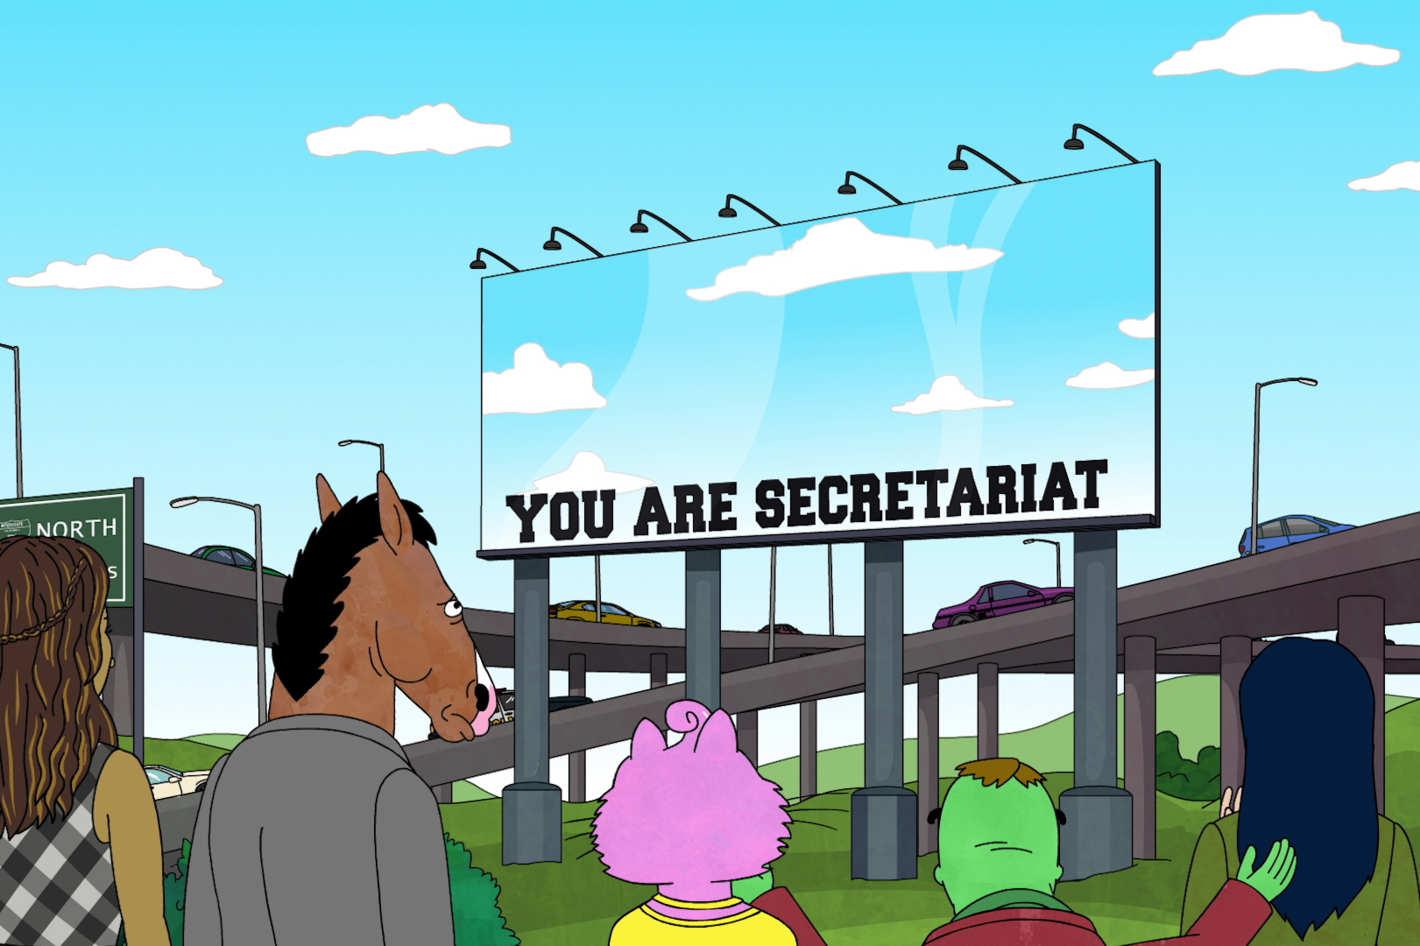 BoJack Horseman Recap: The Closer